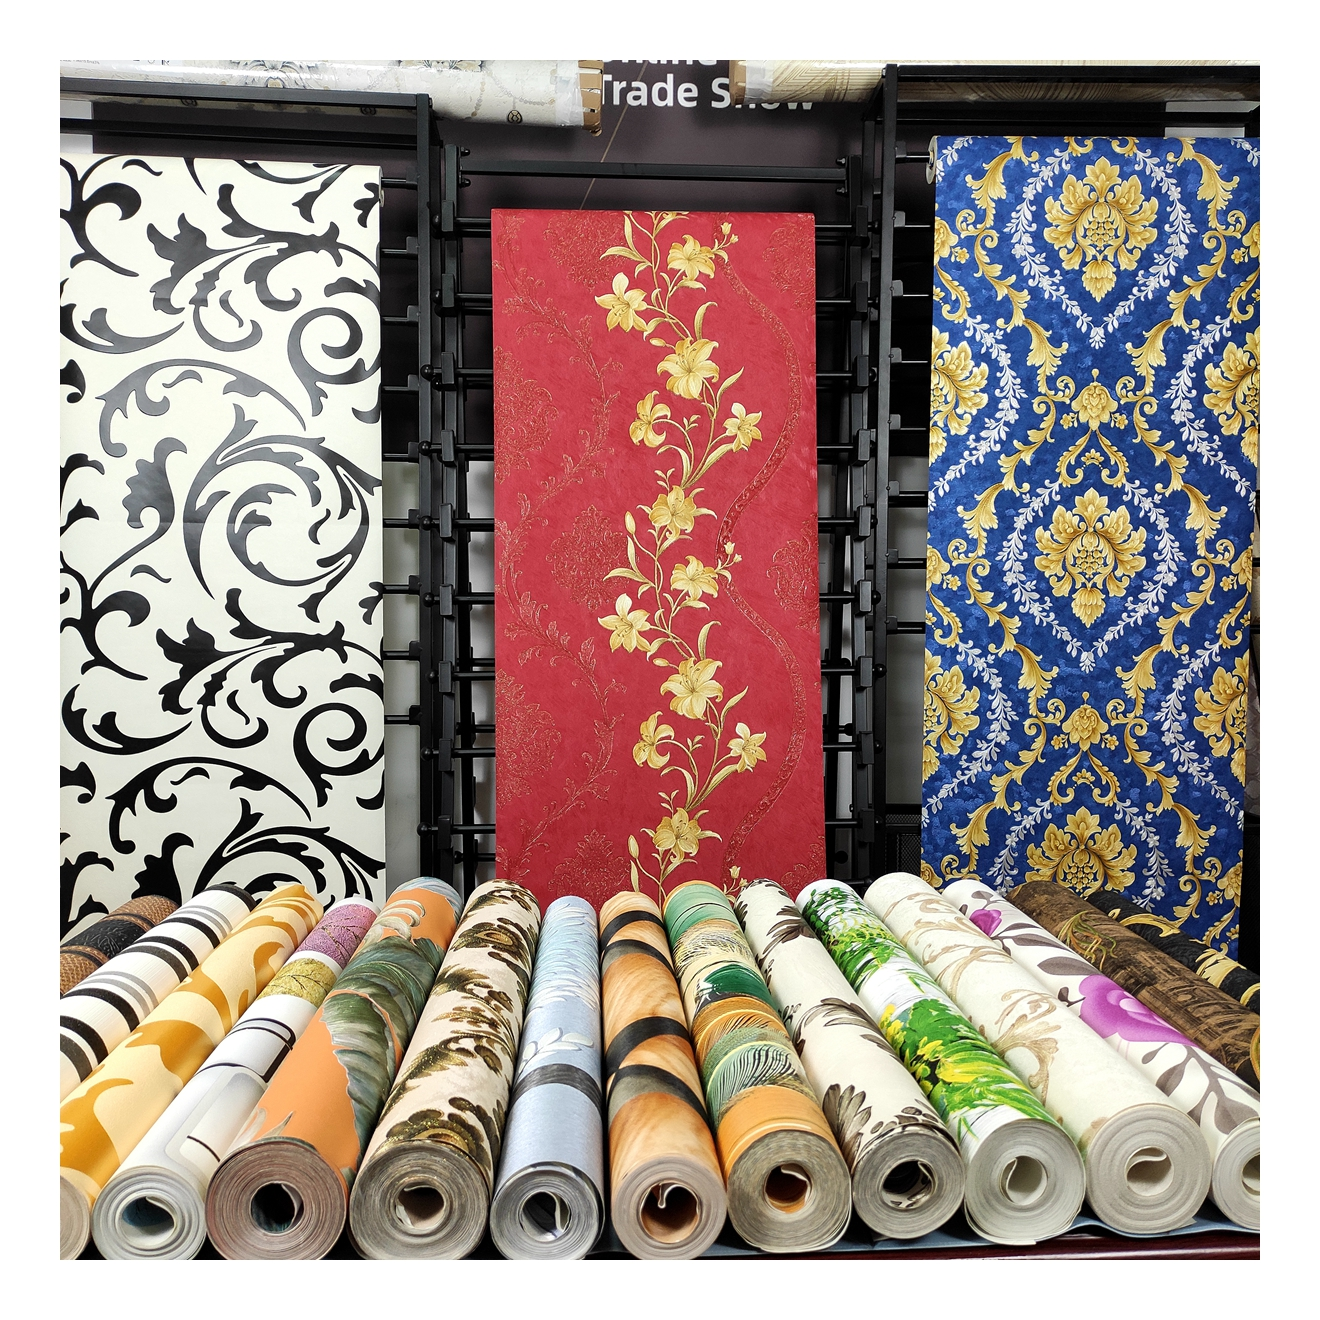 Дизайнерские виниловые обои на заказ, популярные обои для дома, 3d обои для украшения дома